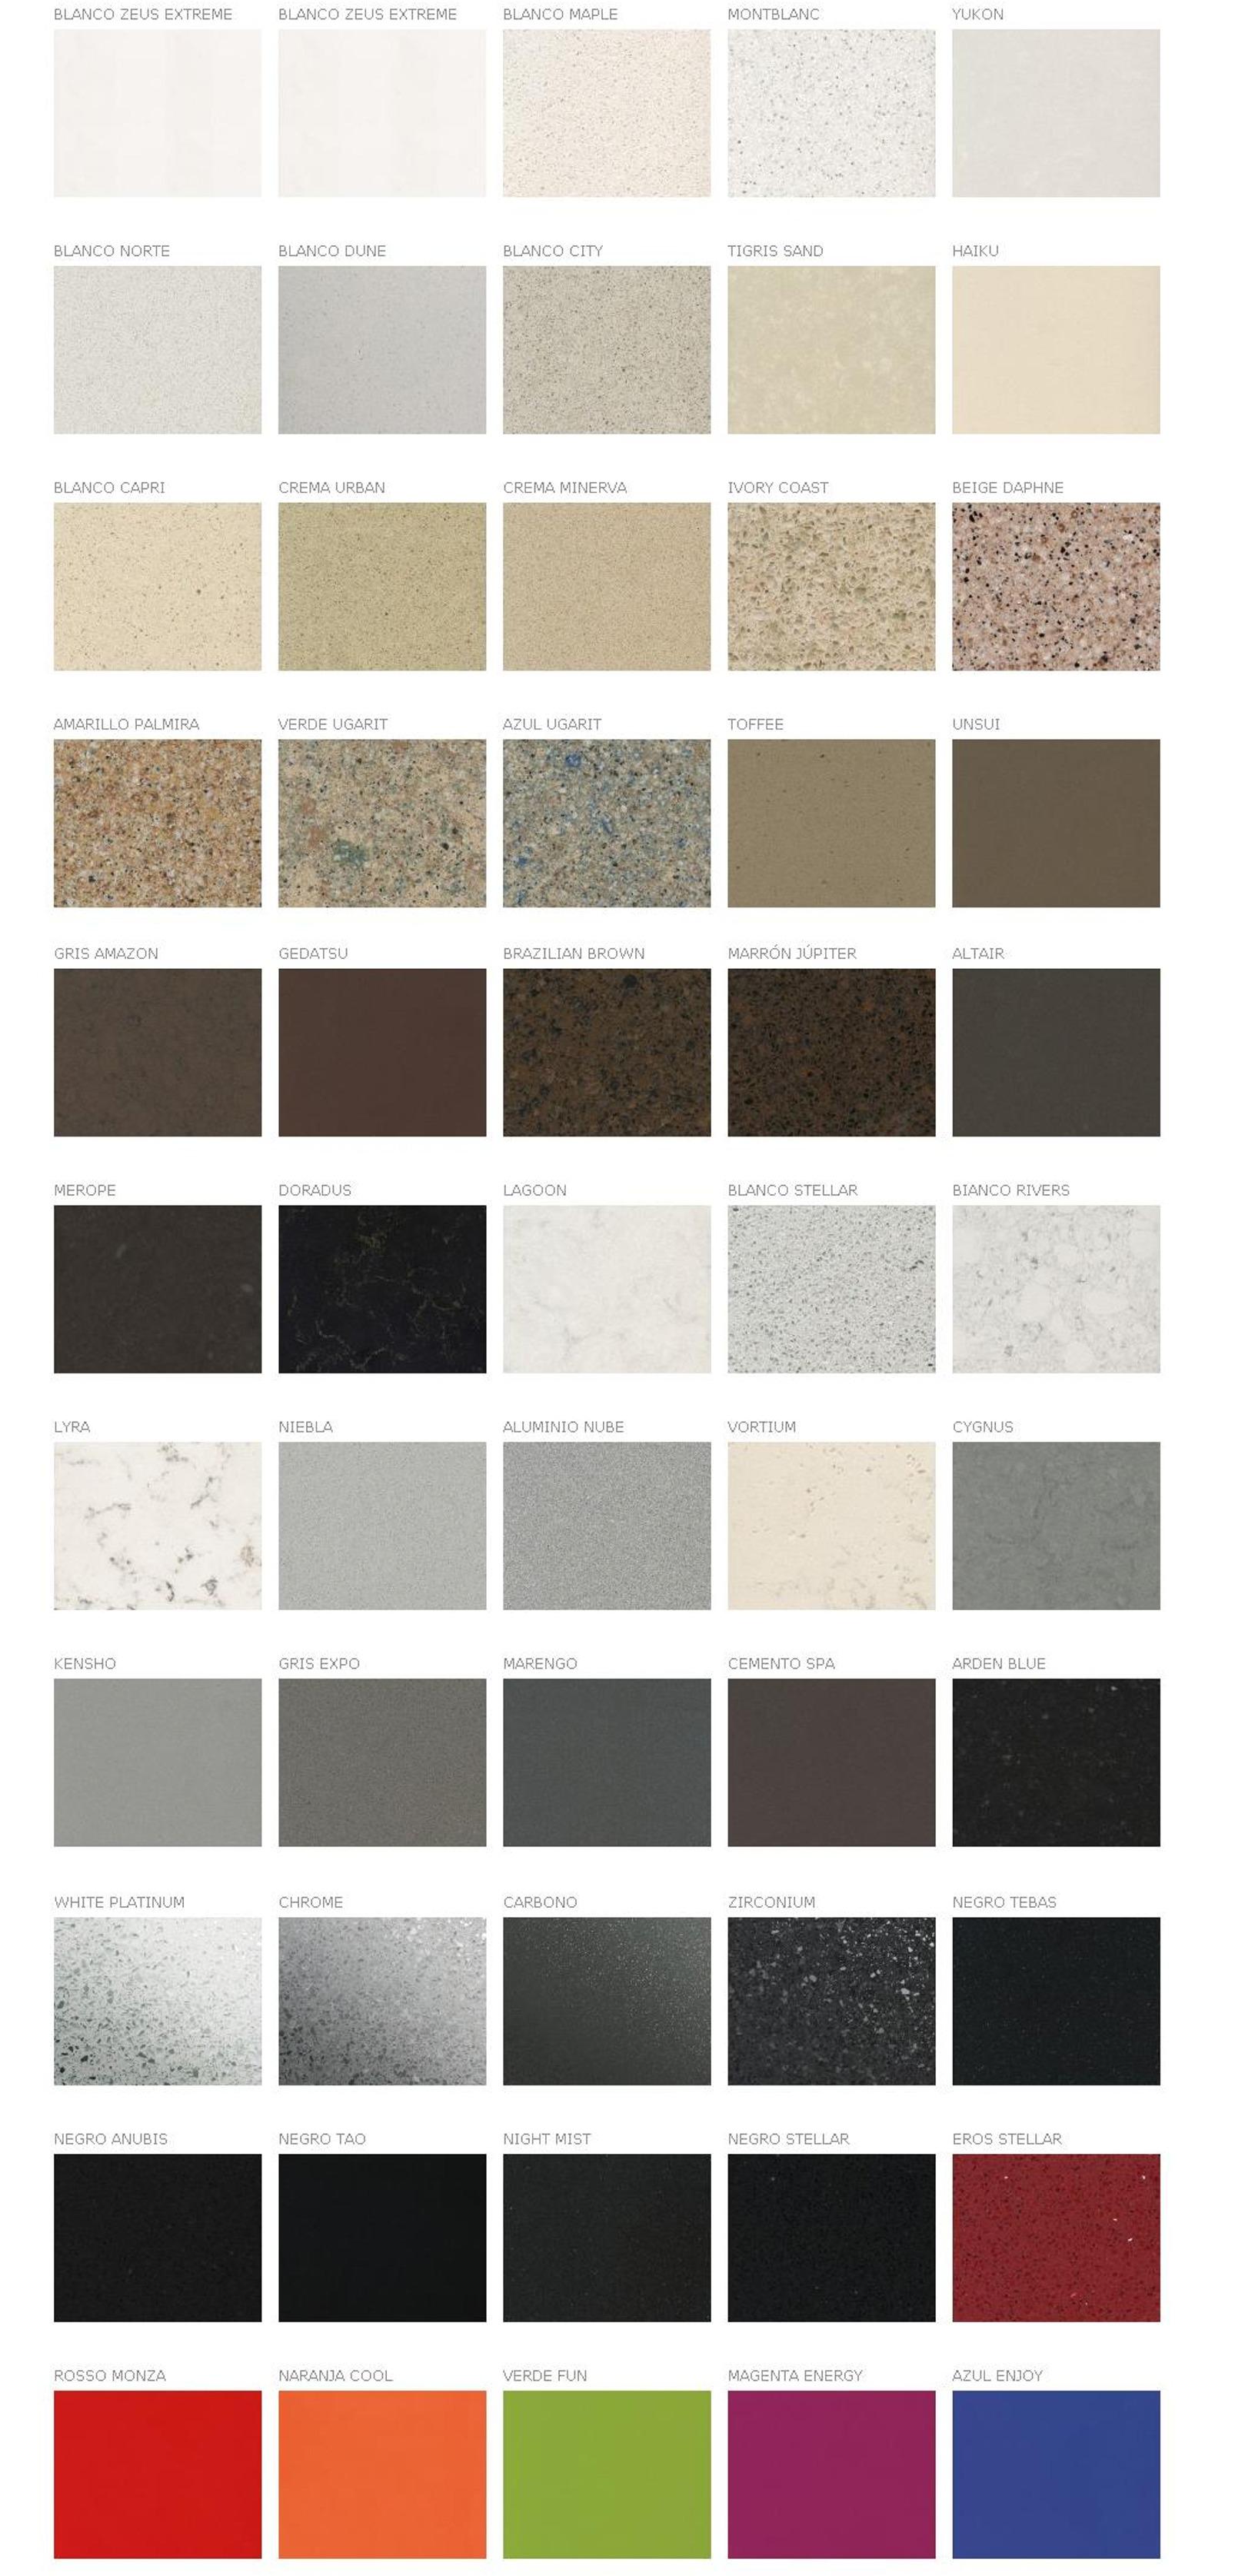 Colores silestone for Colores de granito para encimeras de cocina